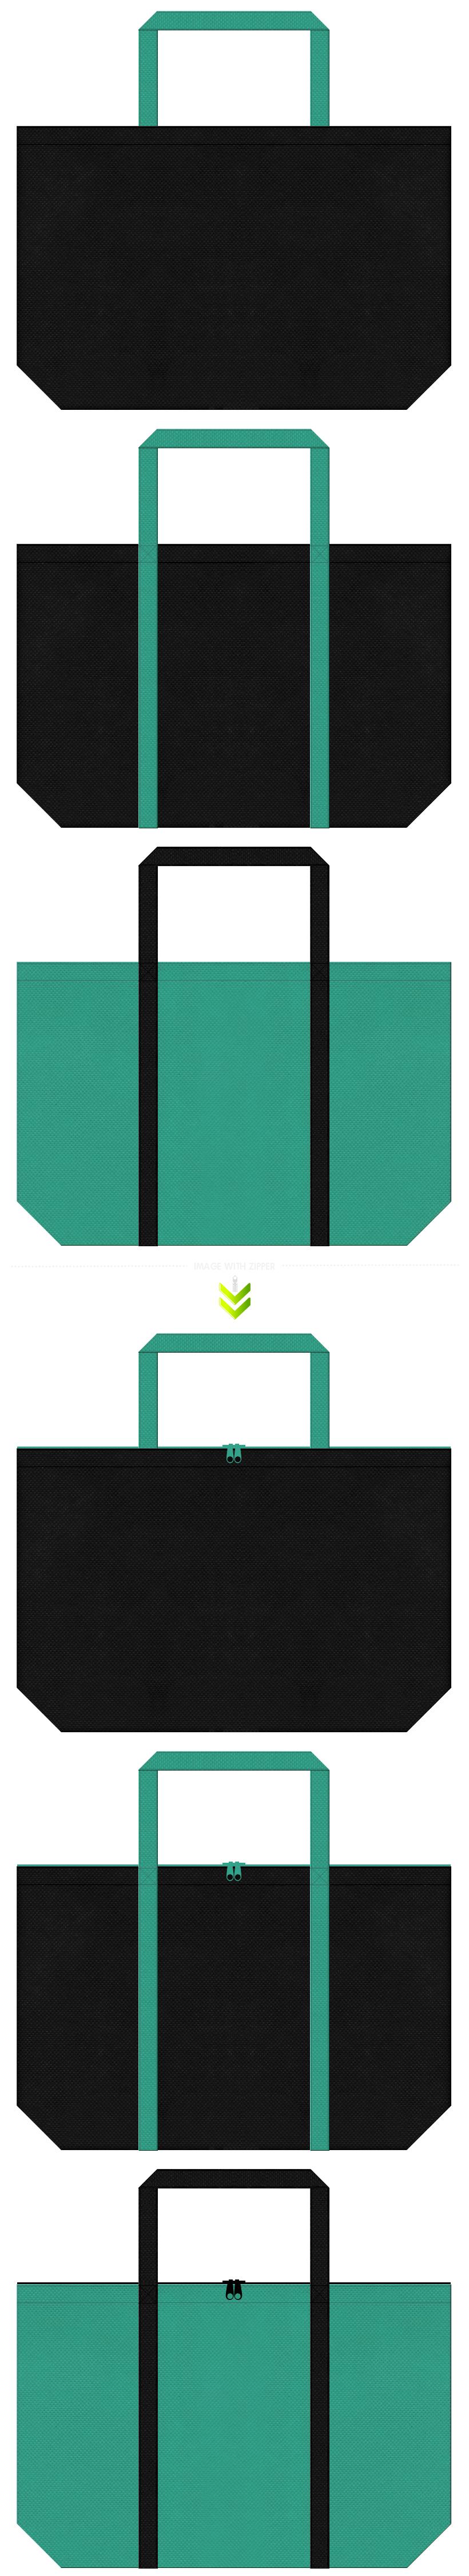 黒色と青緑色の不織布エコバッグのデザイン。スポーツイベントのノベルティにお奨めの配色です。